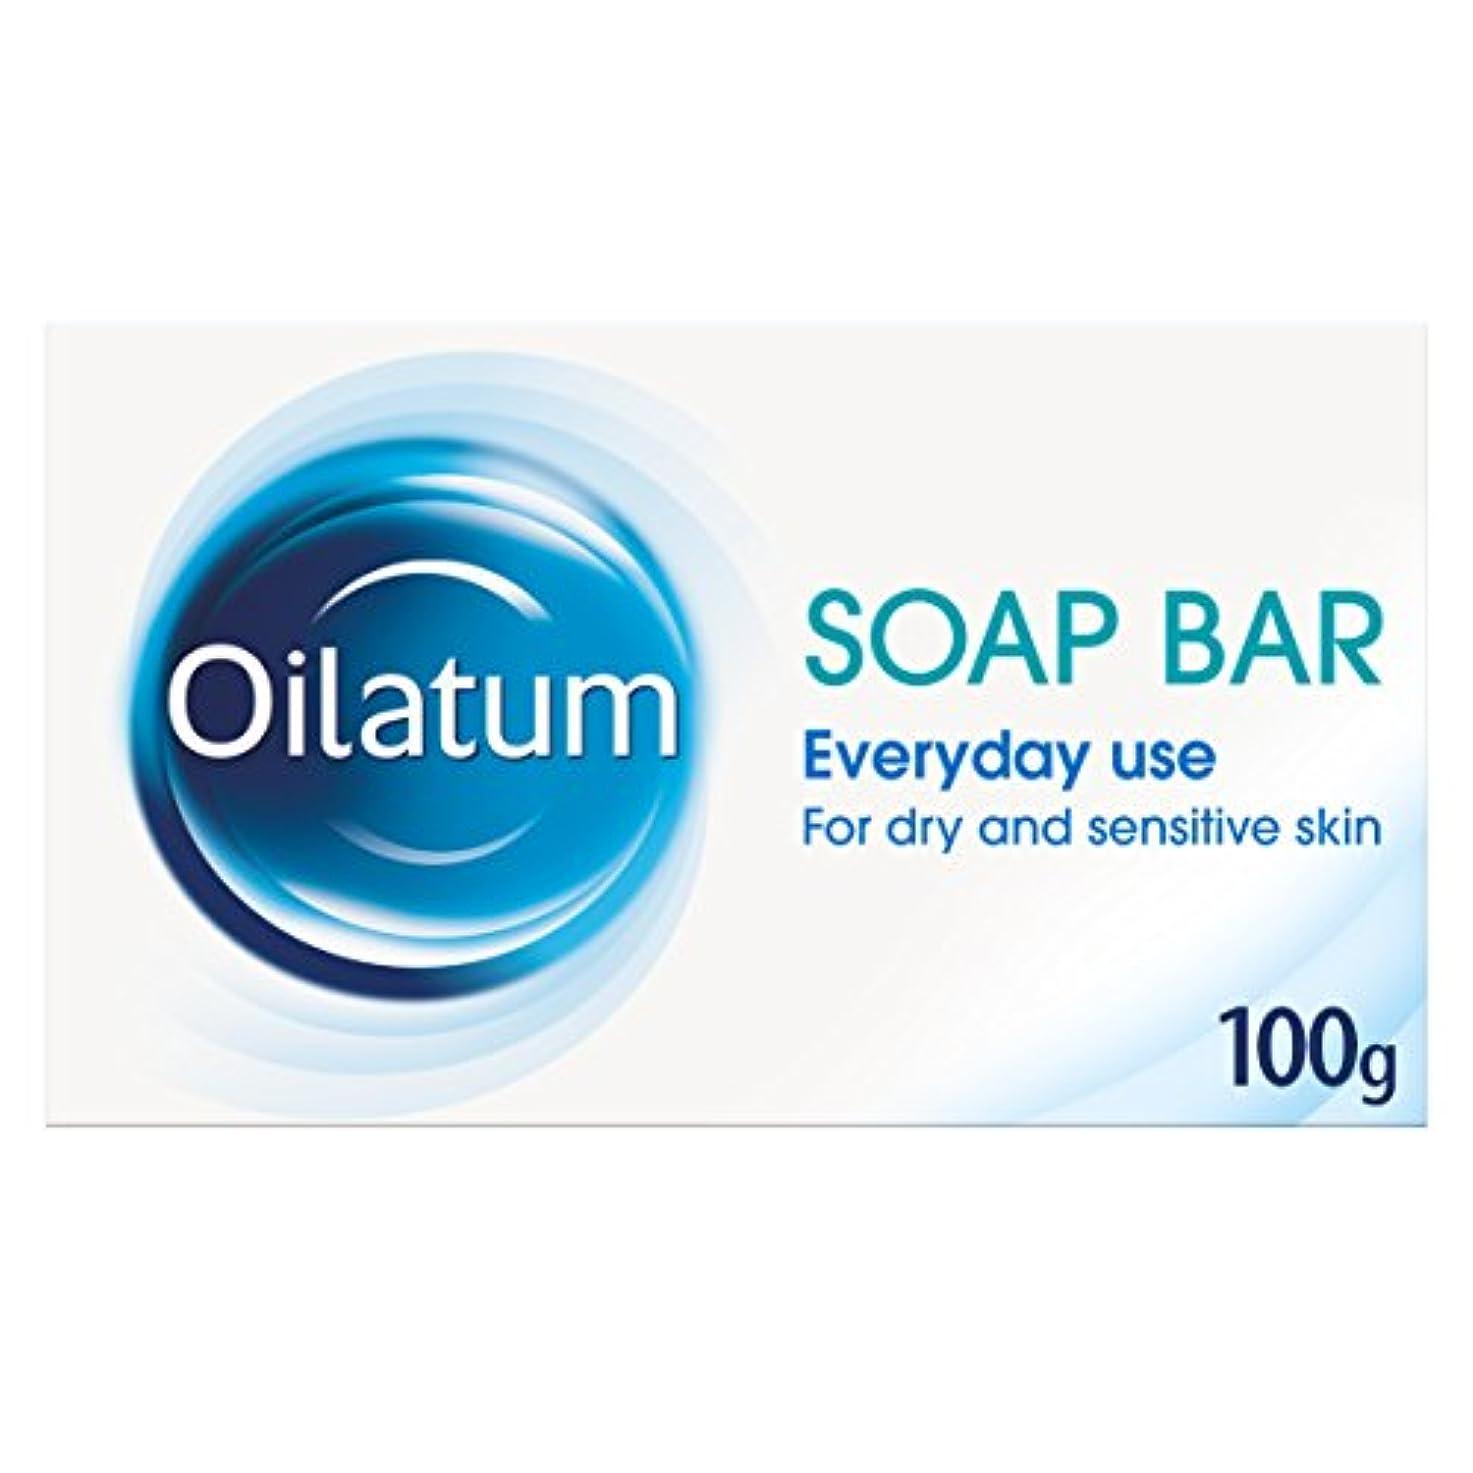 マットかもしれないラジウムOilatum 100g Soap Bar for Dry Skin